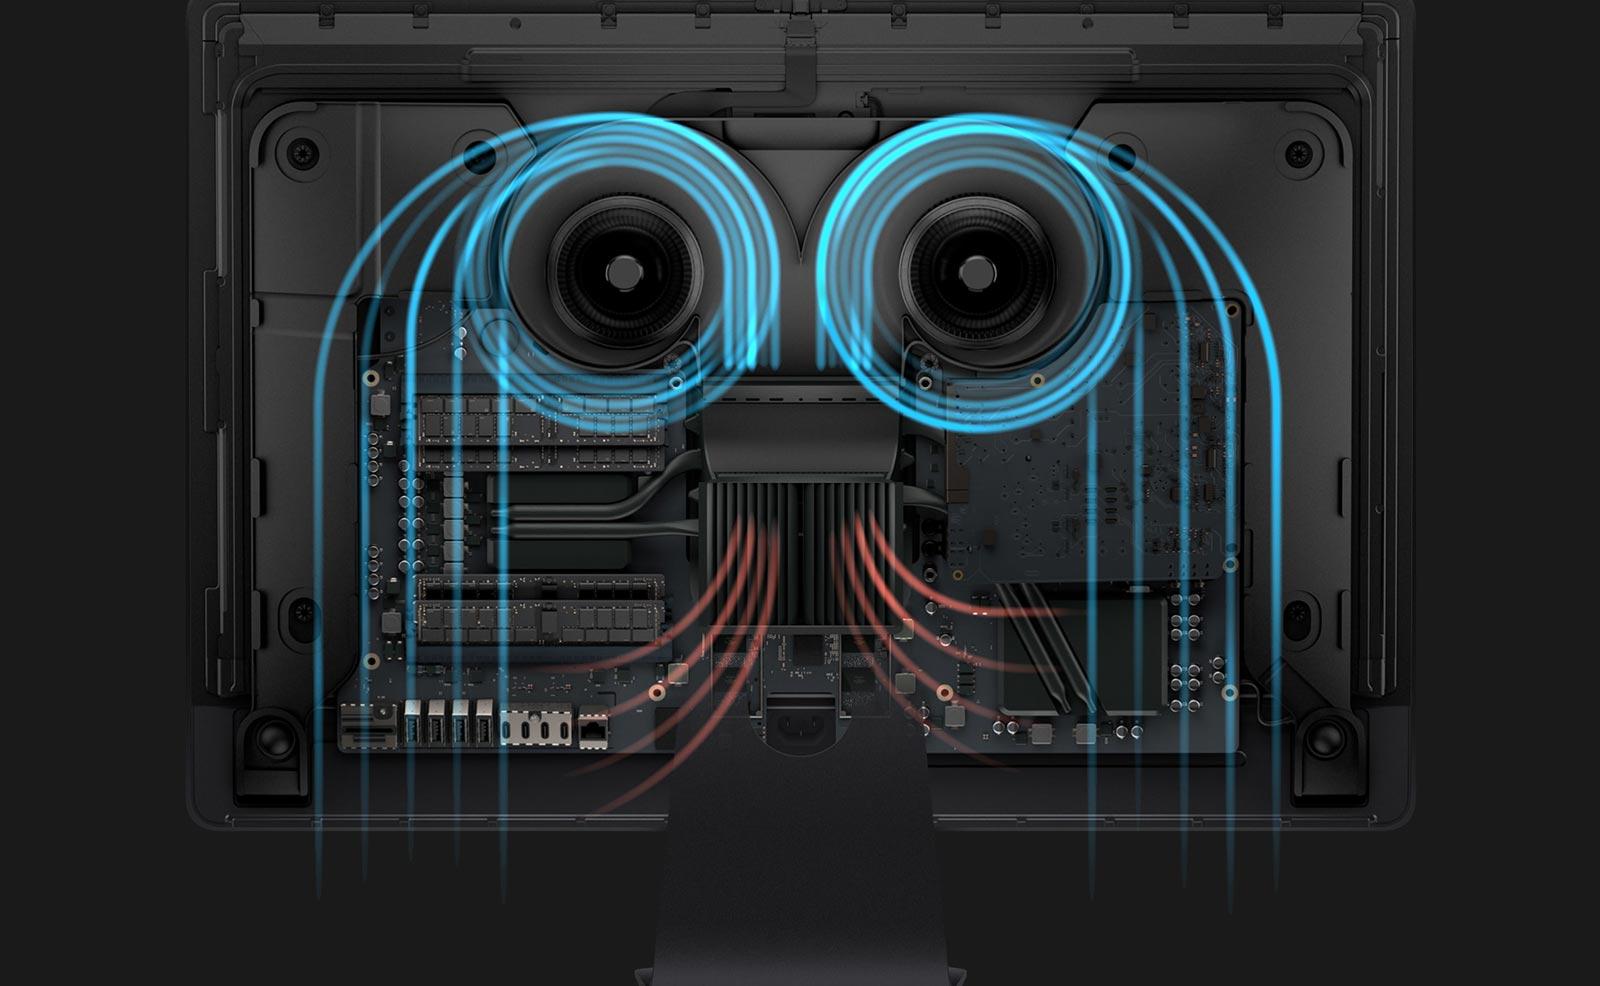 iMac Pro Speakers